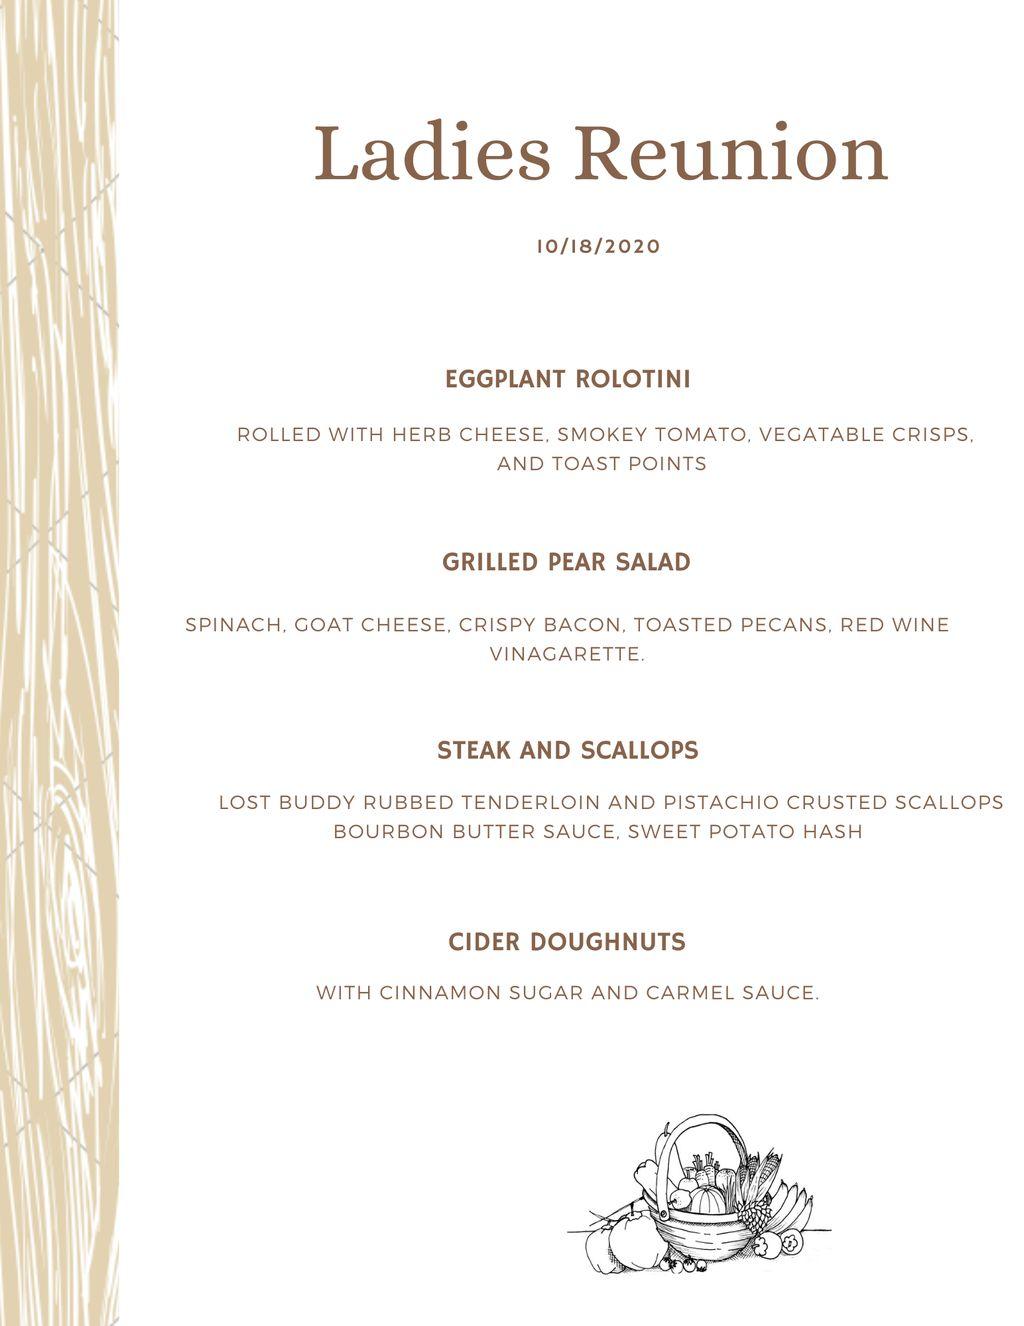 Ladies reunion